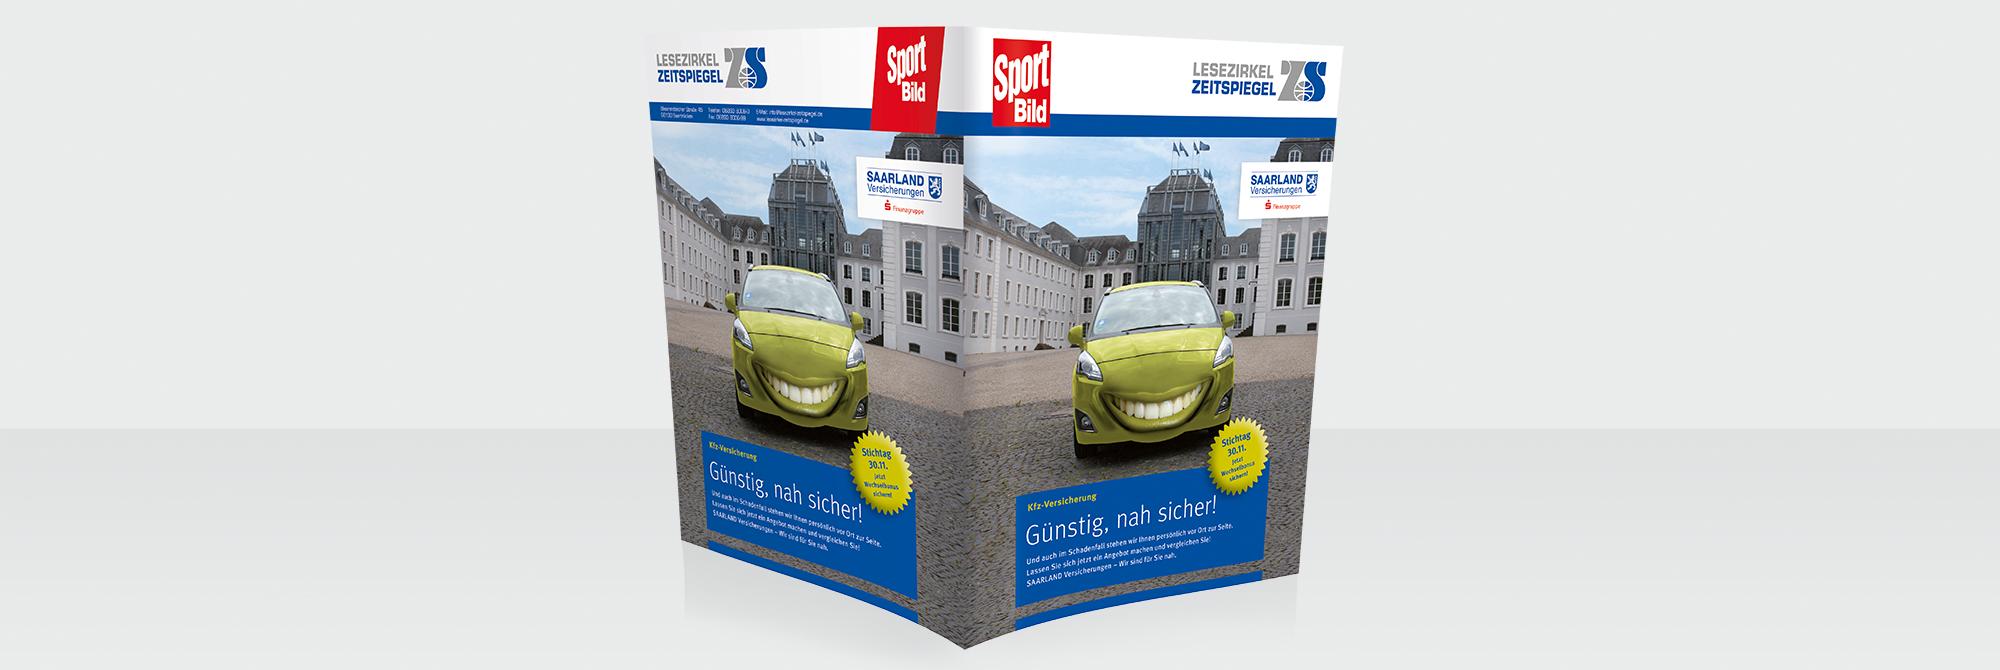 Lesezirkelumschlag der Saarland Versicherungen